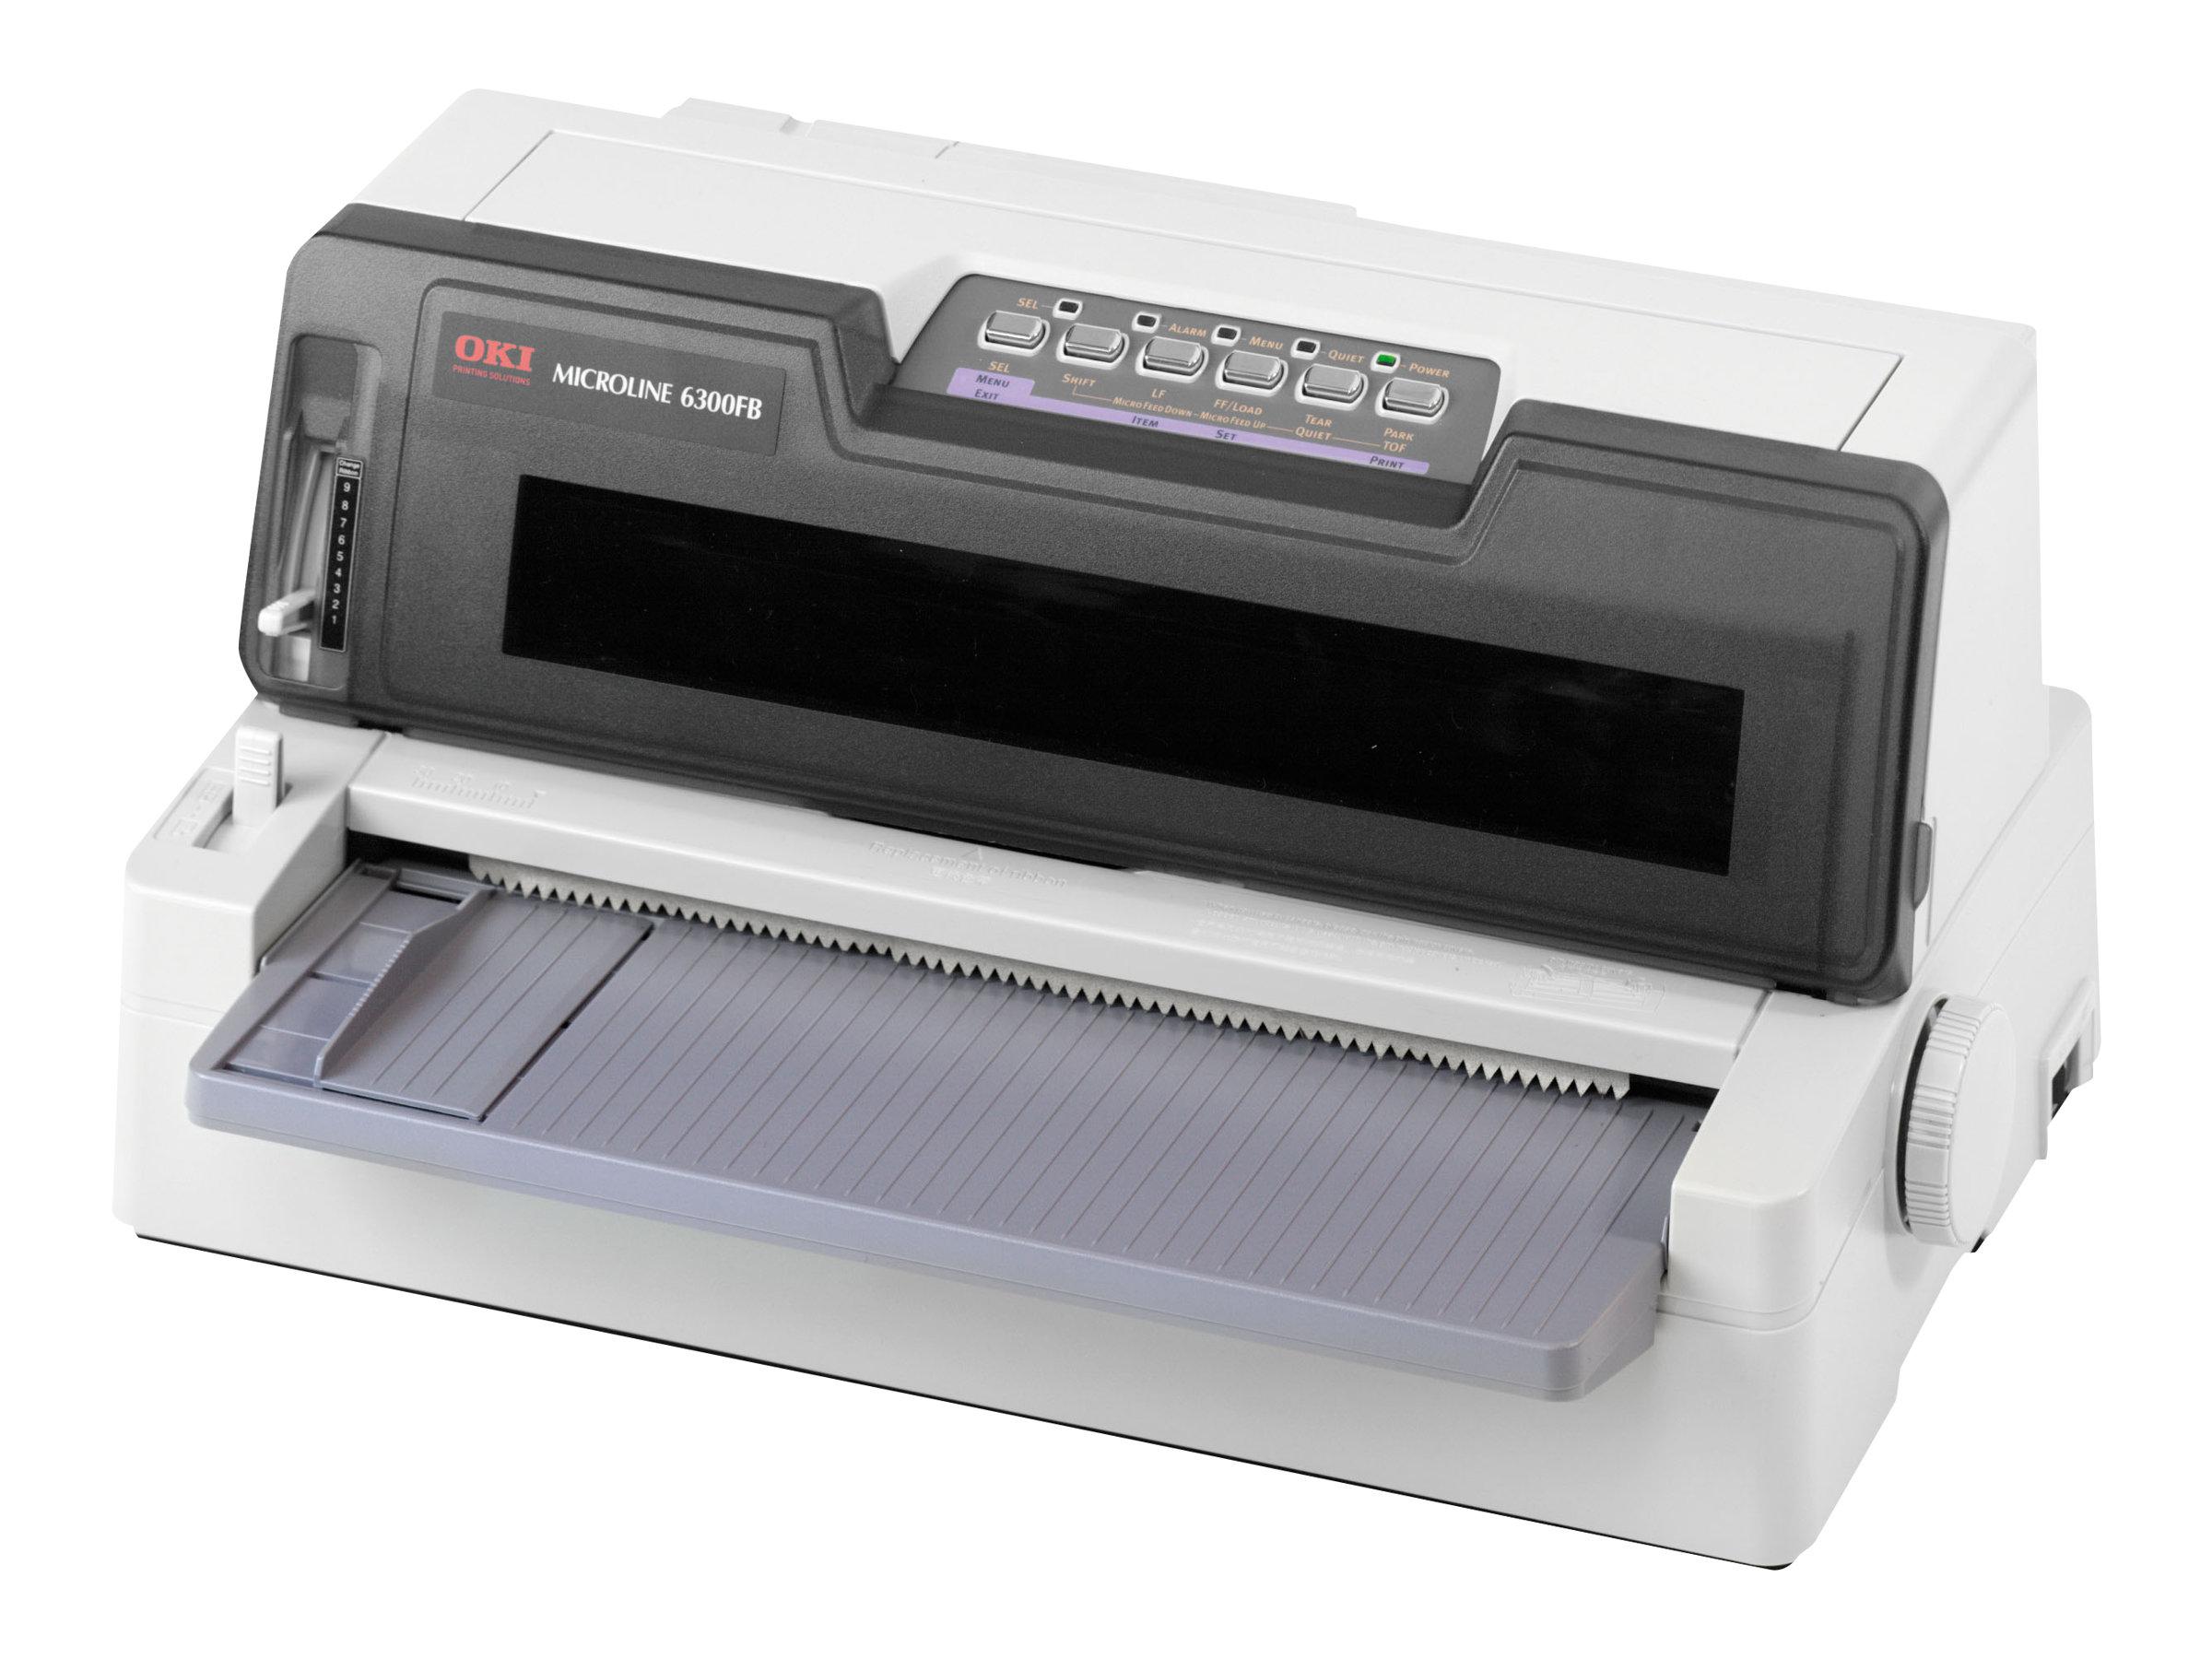 OKI Microline 6300 FB-SC - Drucker - monochrom - Punktmatrix - 304,8 mm (Breite) - 360 dpi